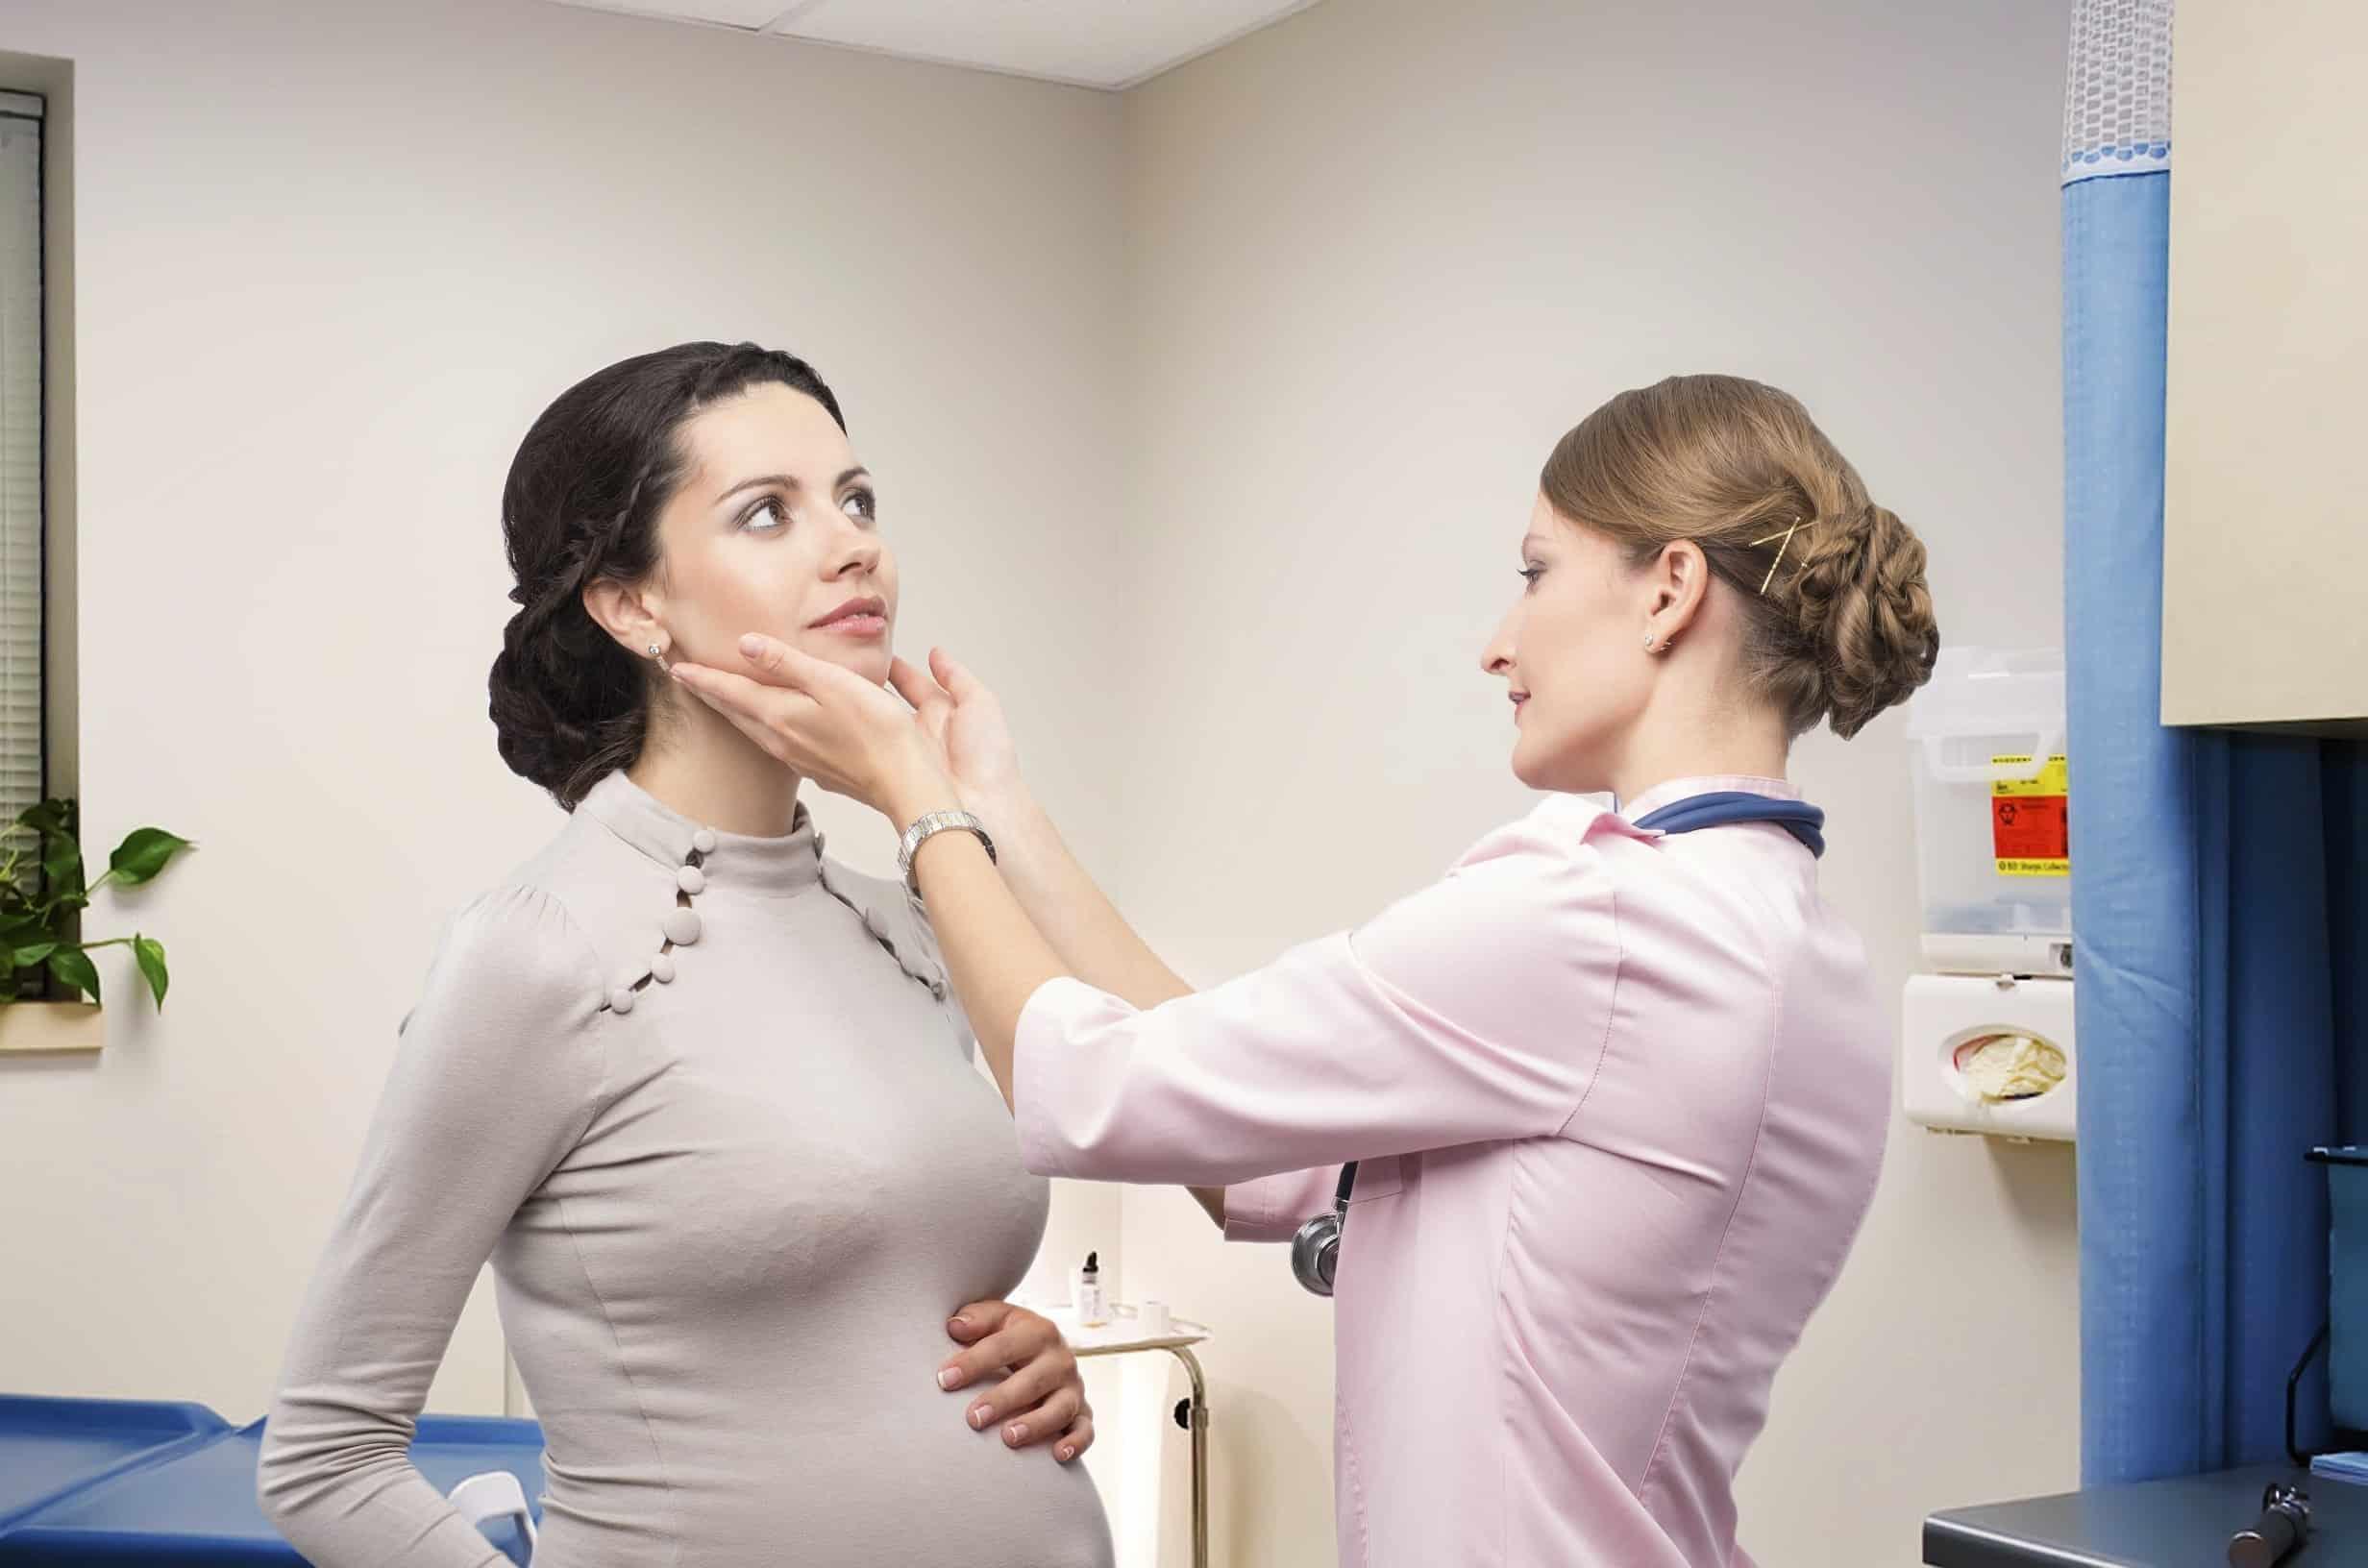 Беременным женщинам повышенное внимание эндокринолога.